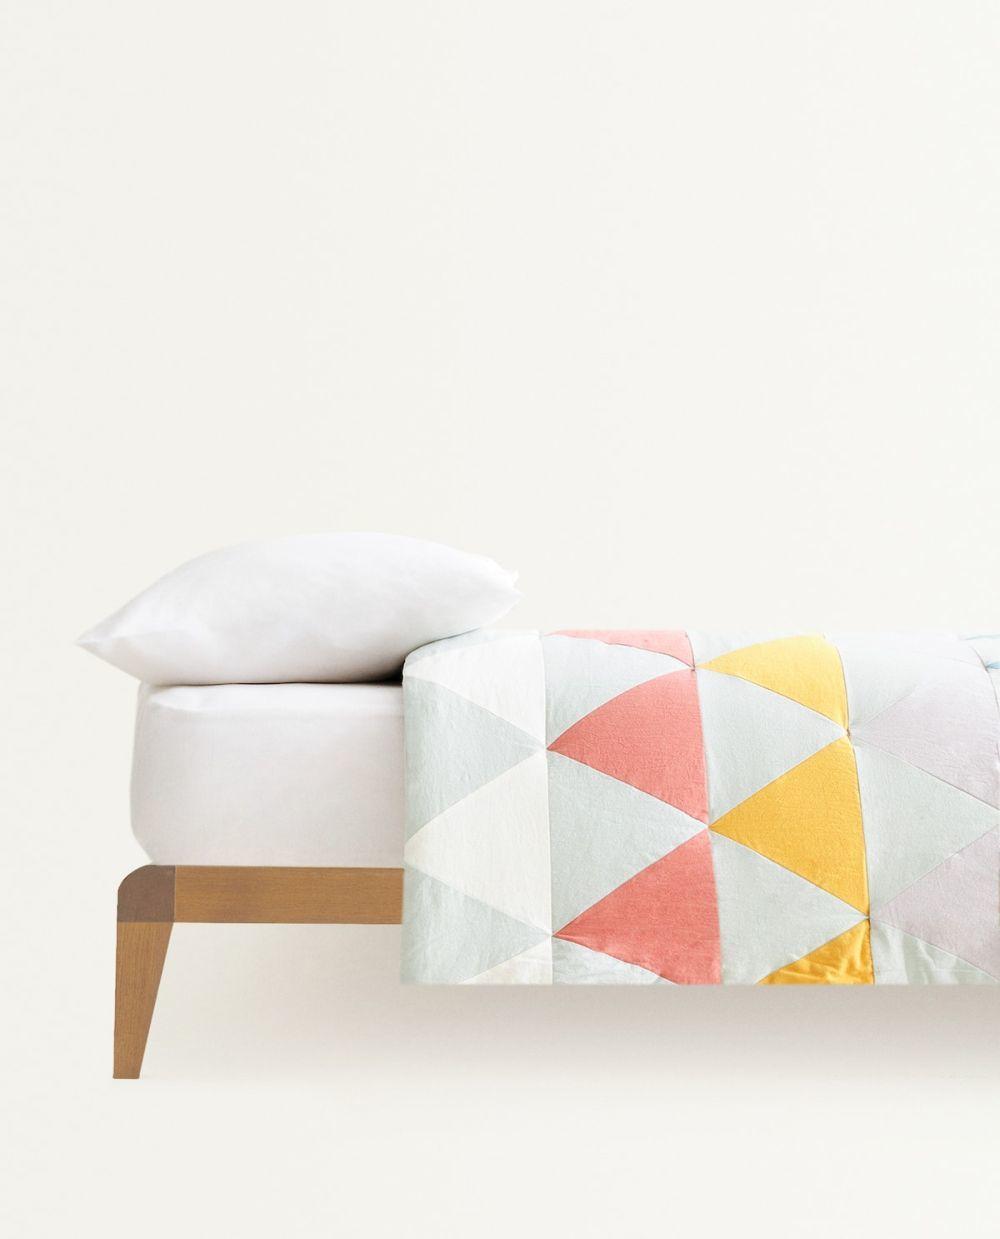 Colcha Patchwork de Zara Home. 59,99 euros